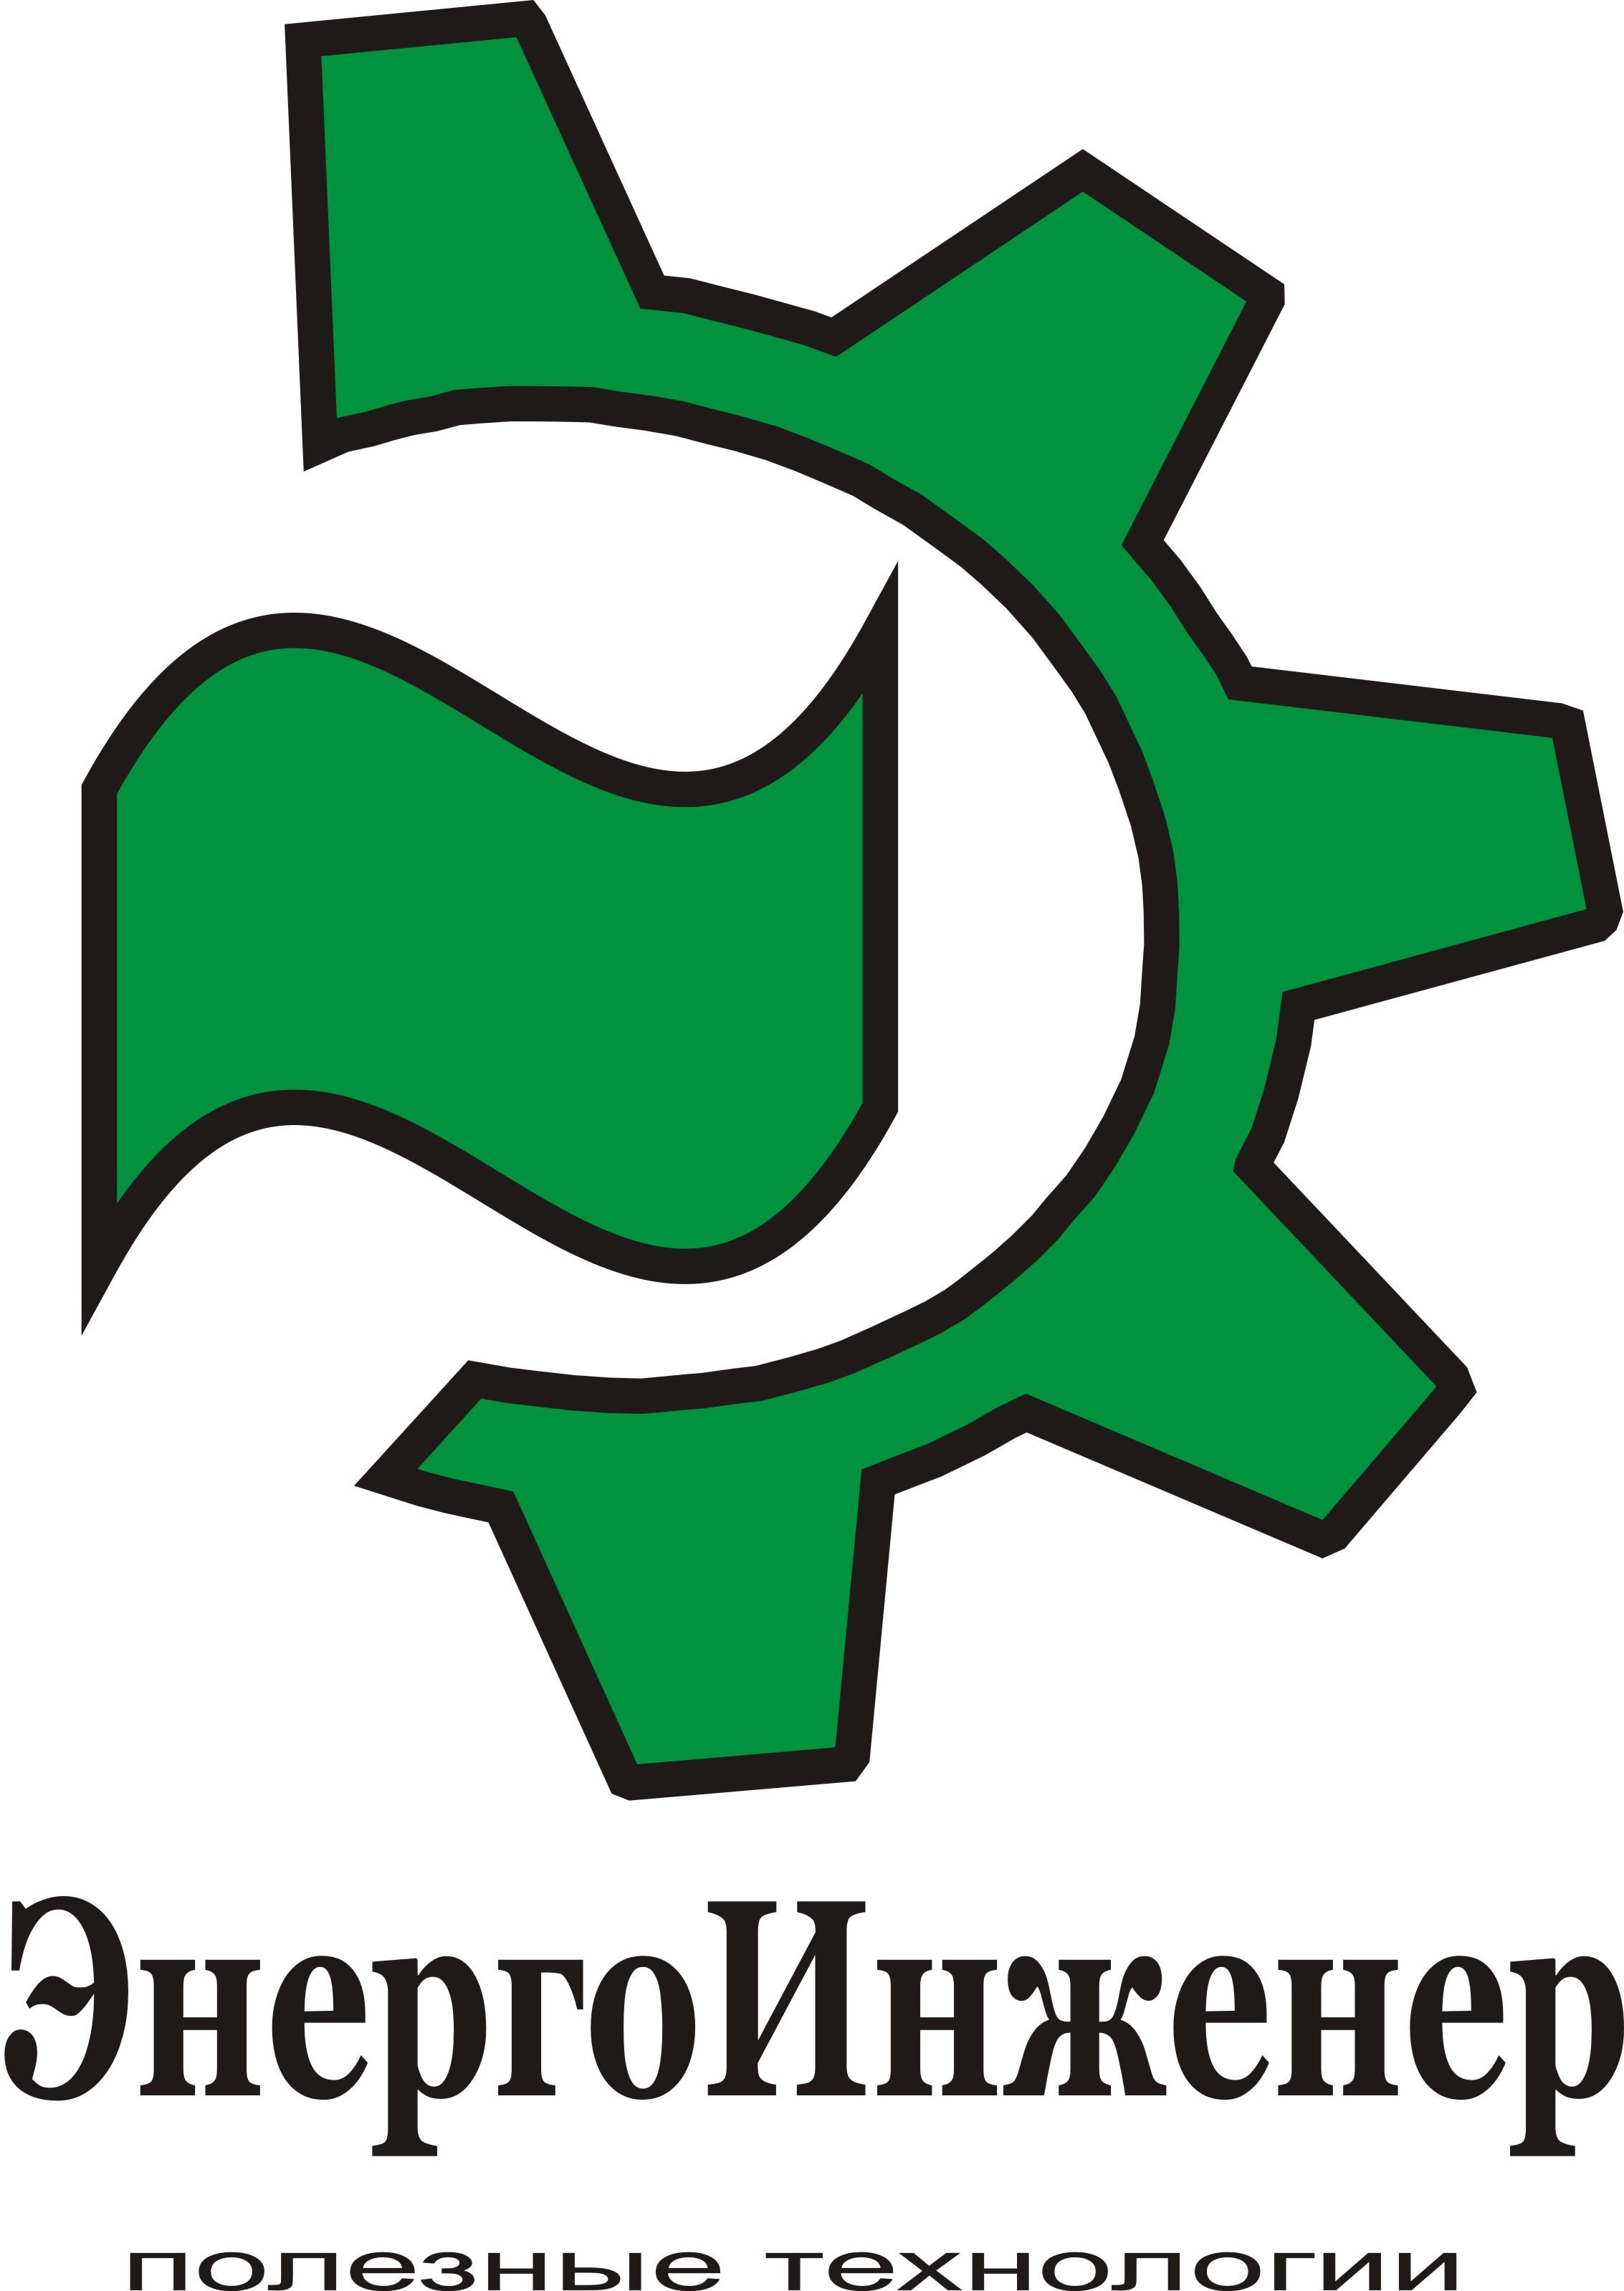 Логотип для инженерной компании фото f_24051e845de41f6b.jpg